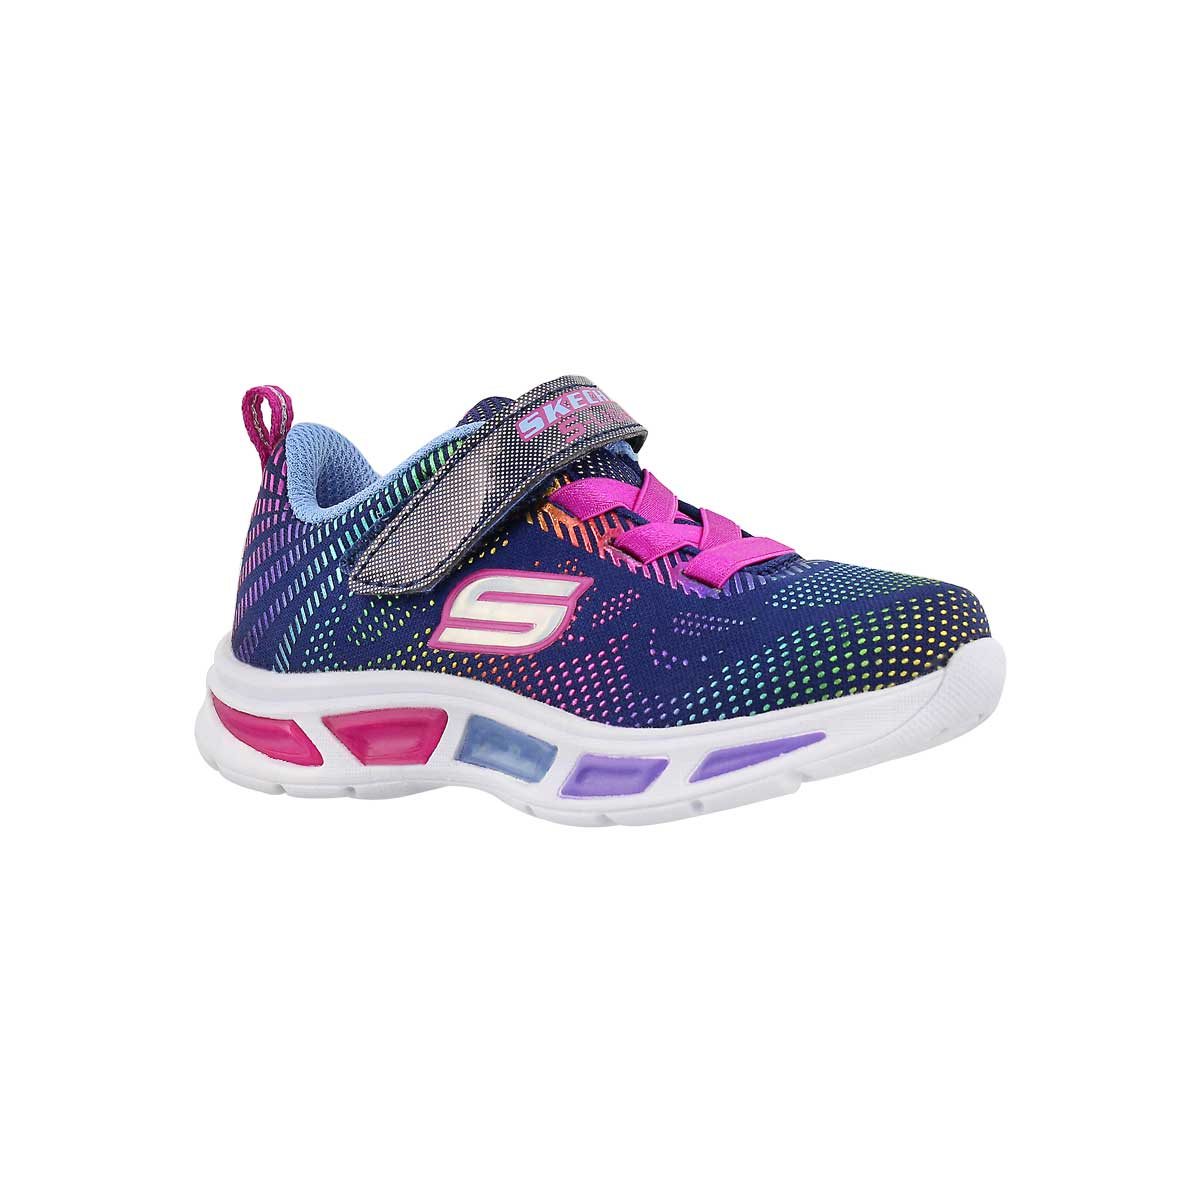 Infants' LITEBEAMS navy/multi lightup sneakers